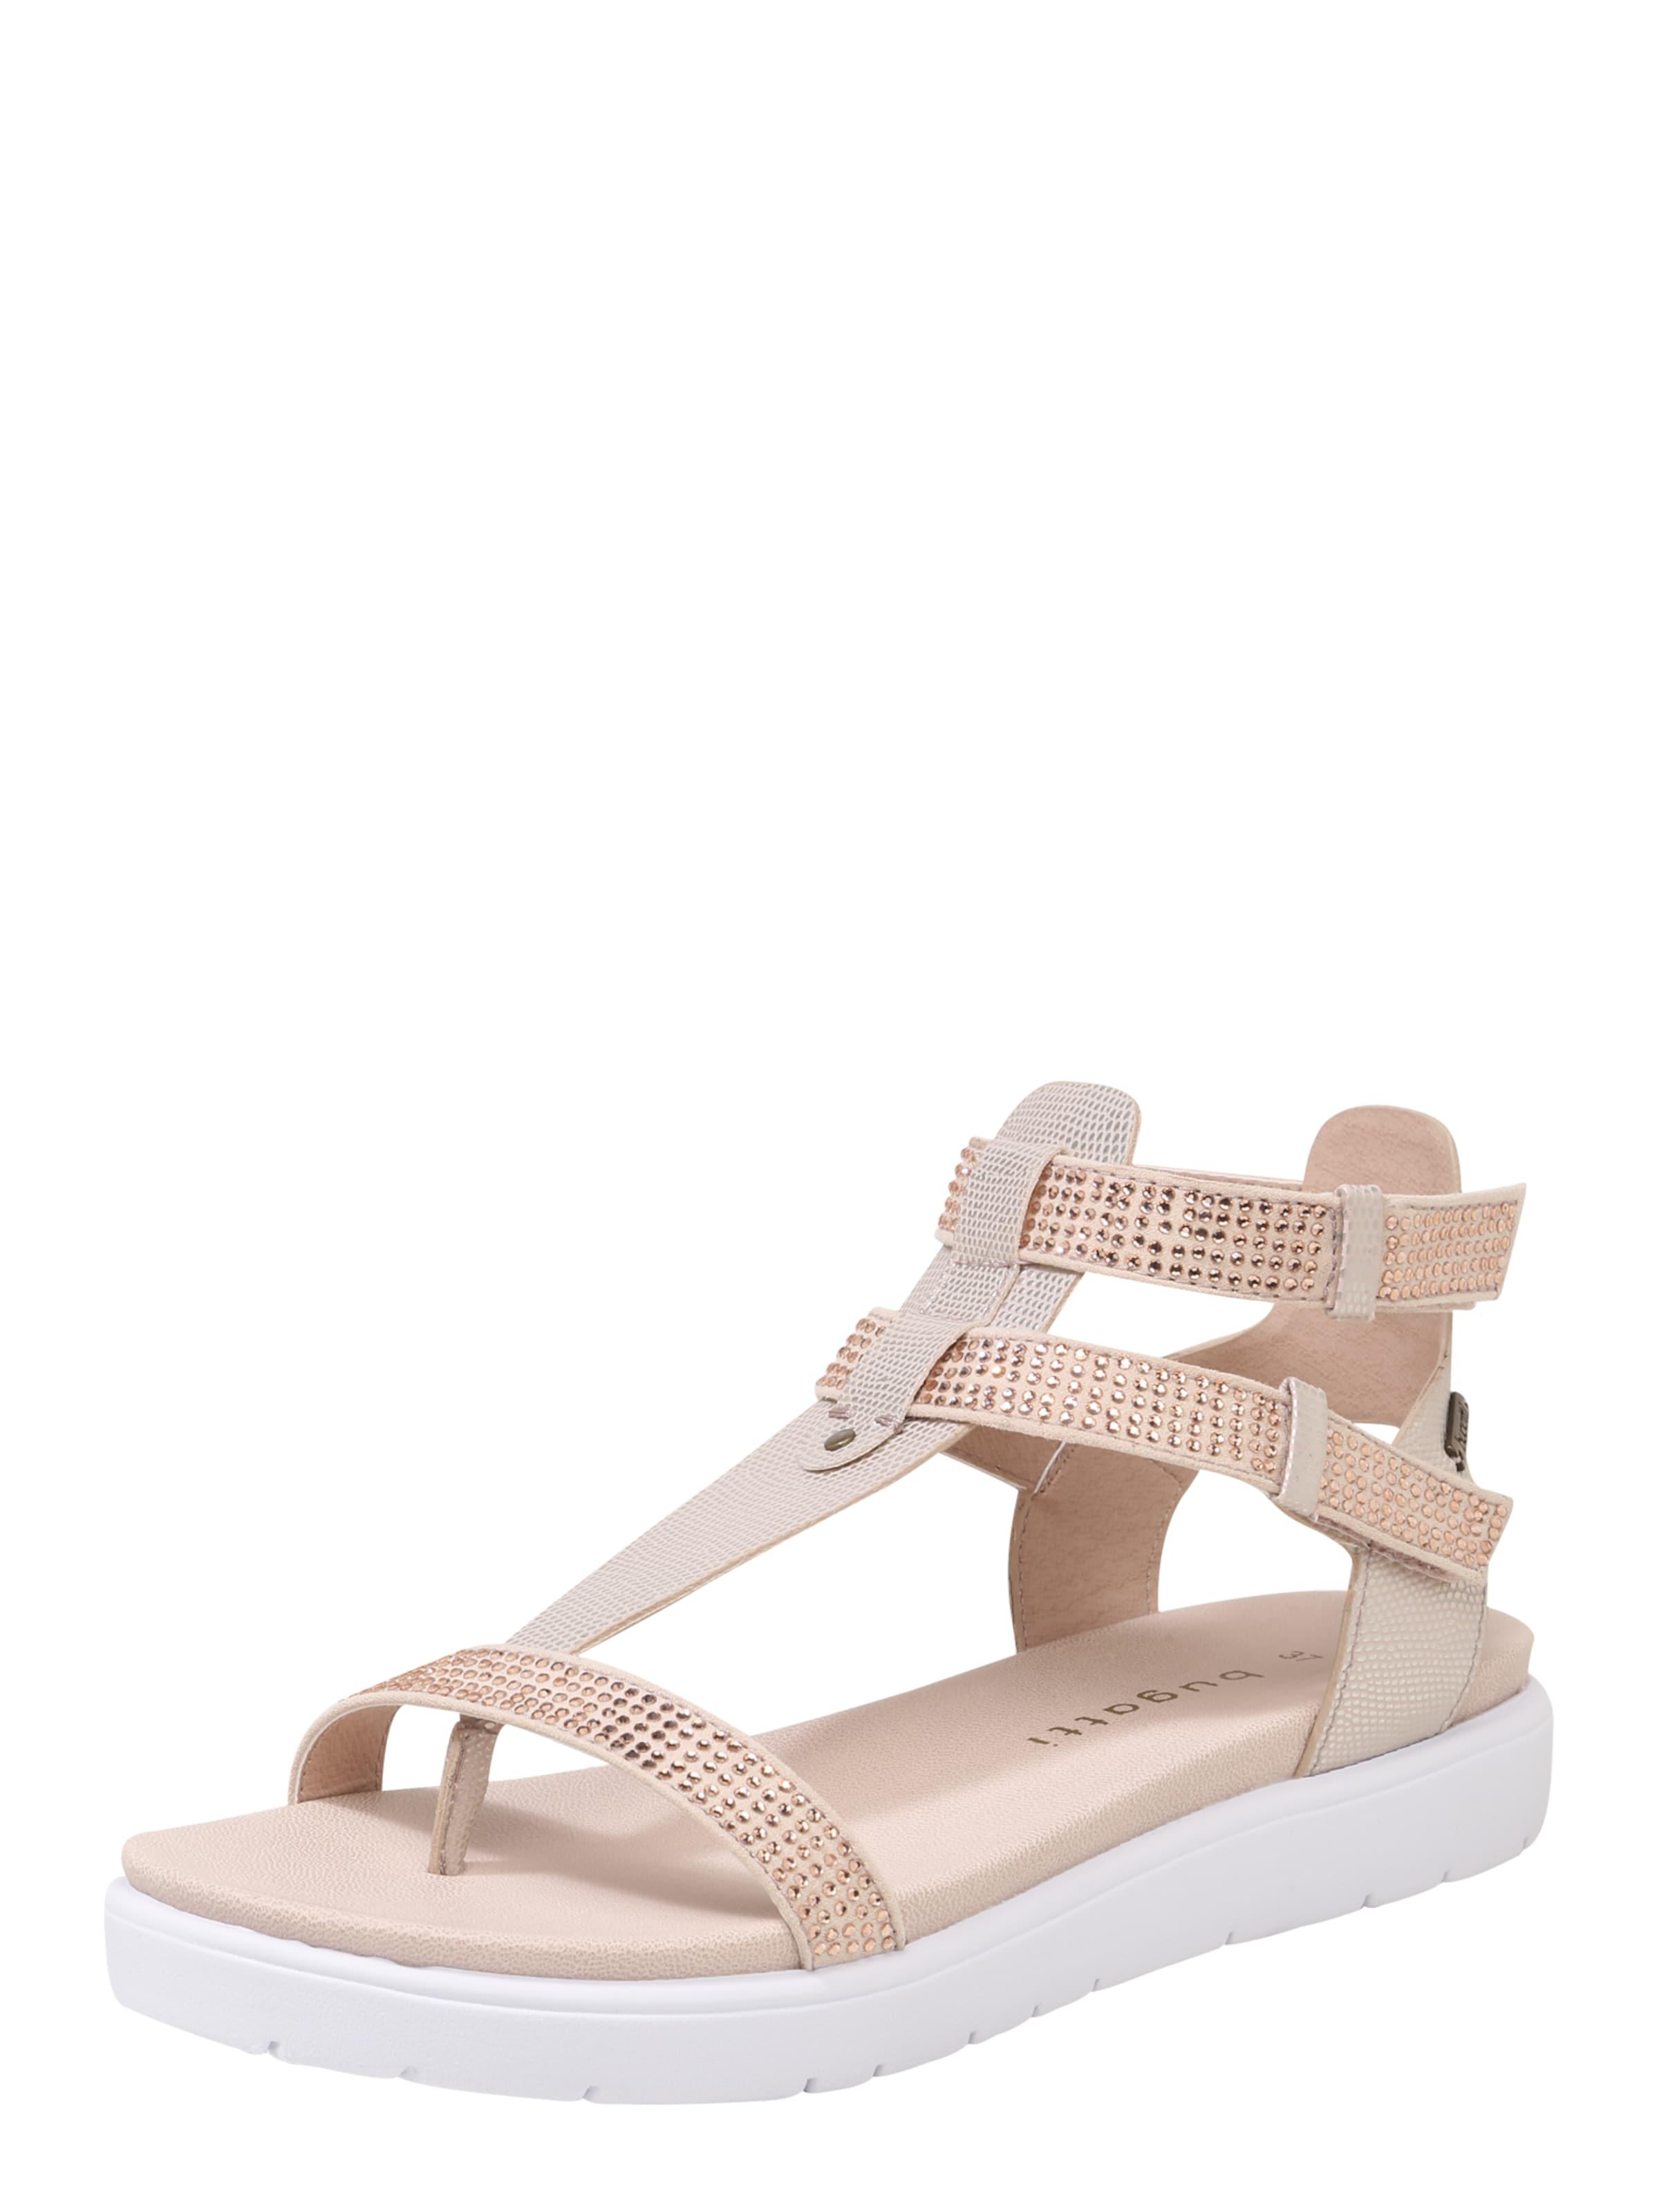 bugatti Sandalen Verschleißfeste billige Schuhe Hohe Qualität